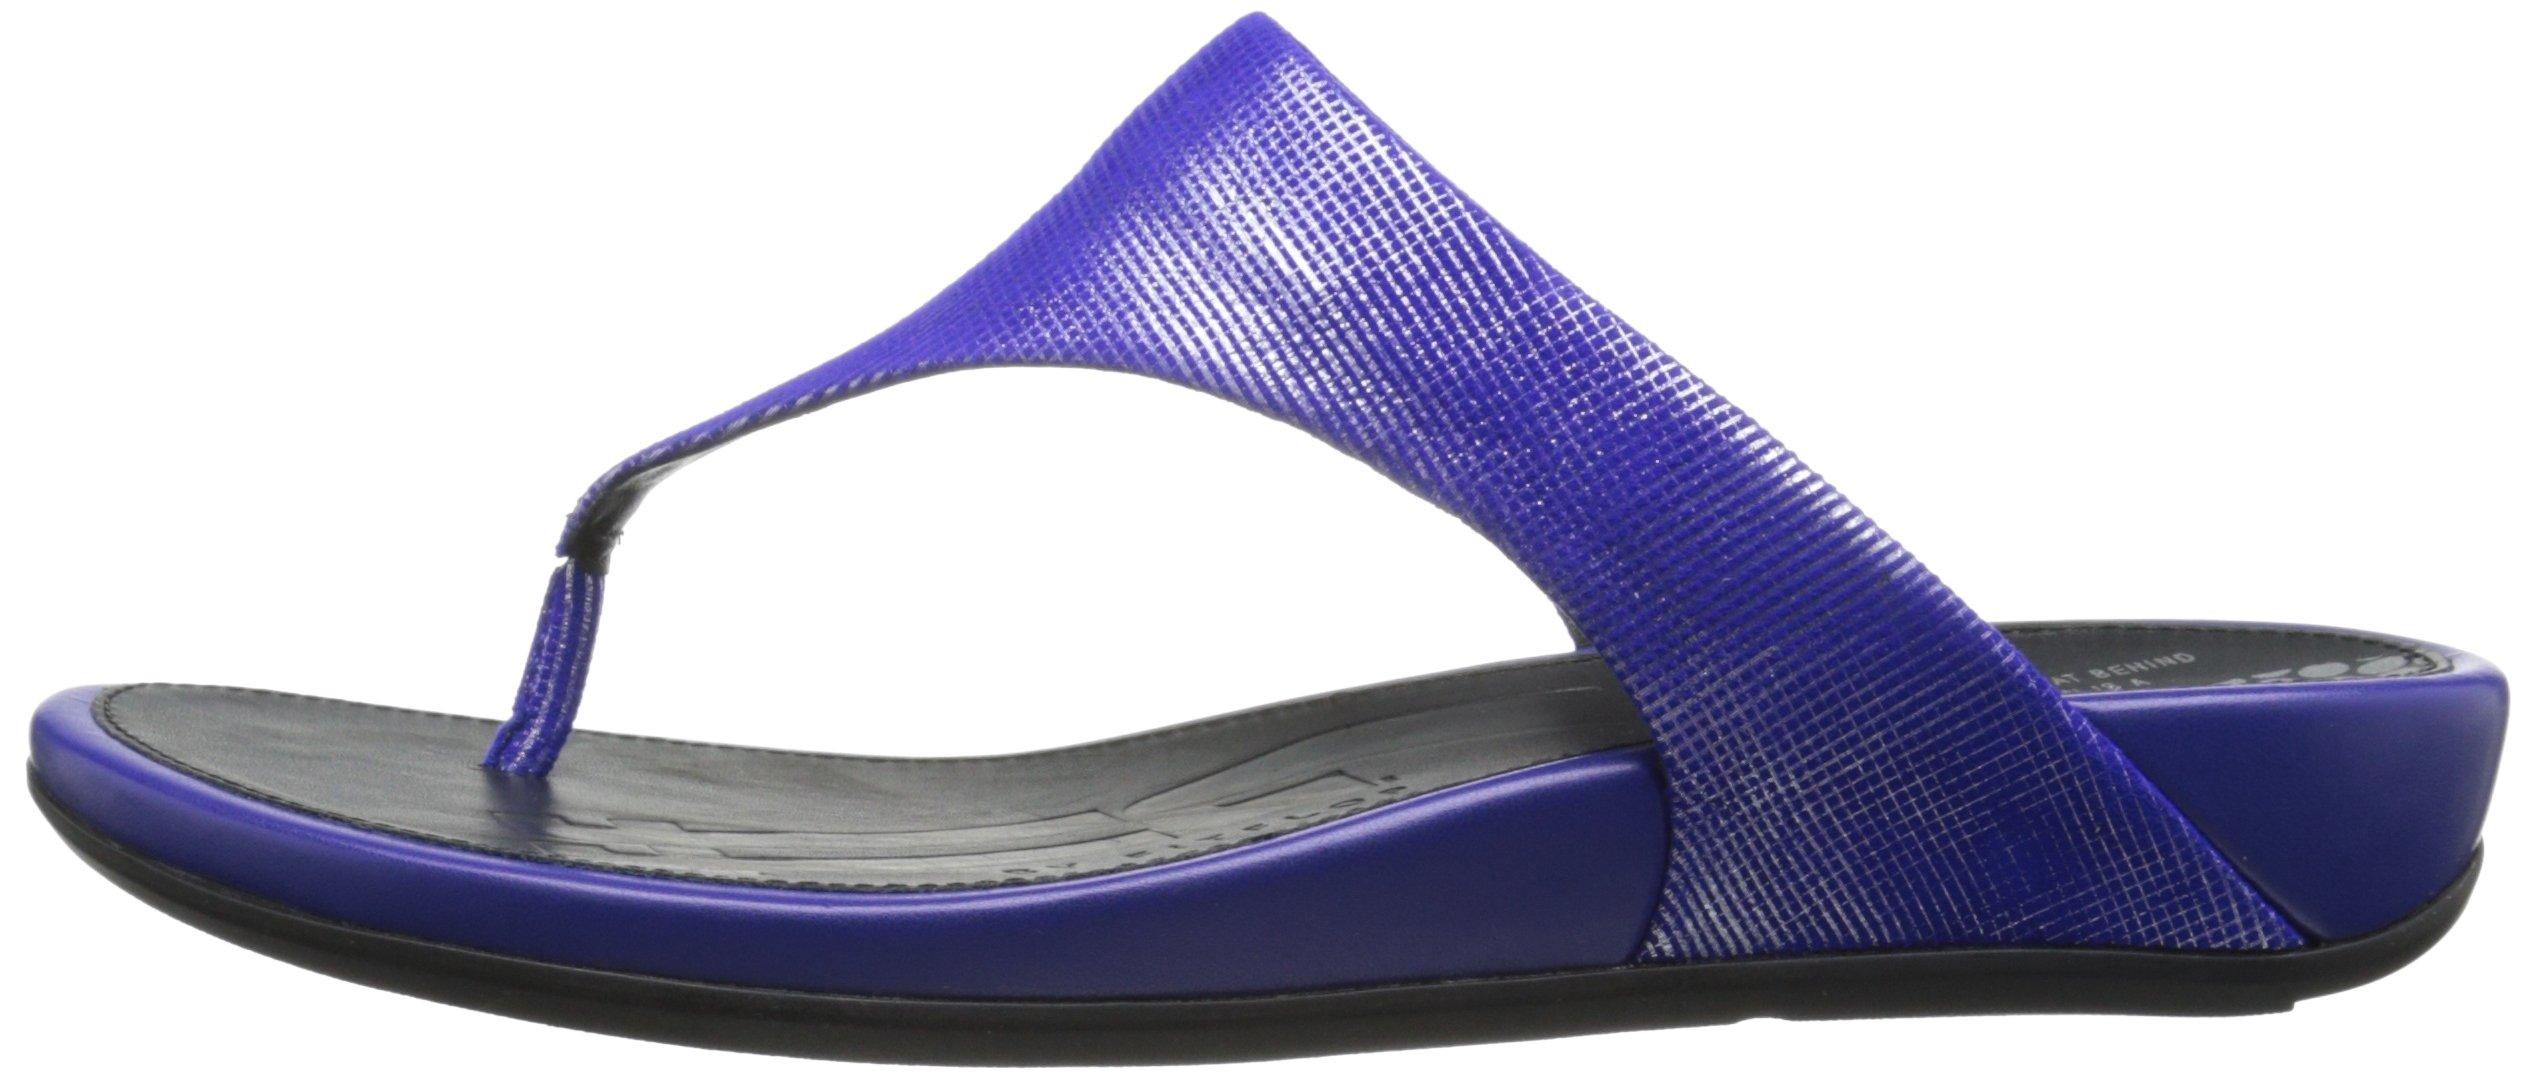 FitFlop Women's Banda Opul Flip Flop, Mazarin Blue, 7 M US by FitFlop (Image #5)